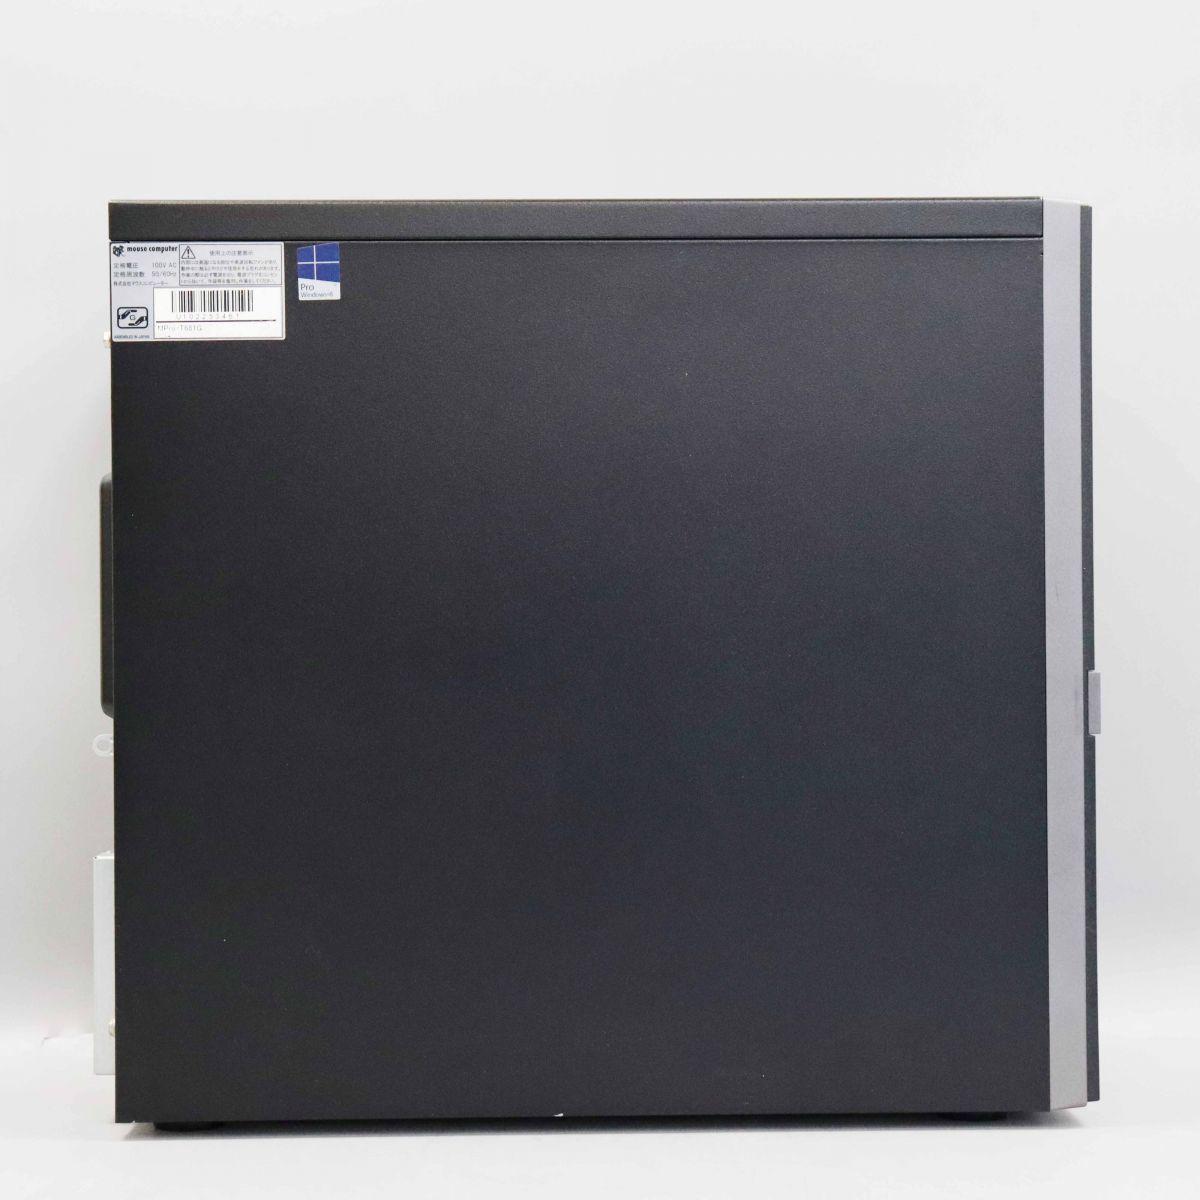 1円スタート GTX 770 搭載 ゲーミングPC MousePro CPU:Core i7-4770/メモリ16GB/HDD1TB /Windows 10 Pro_画像4